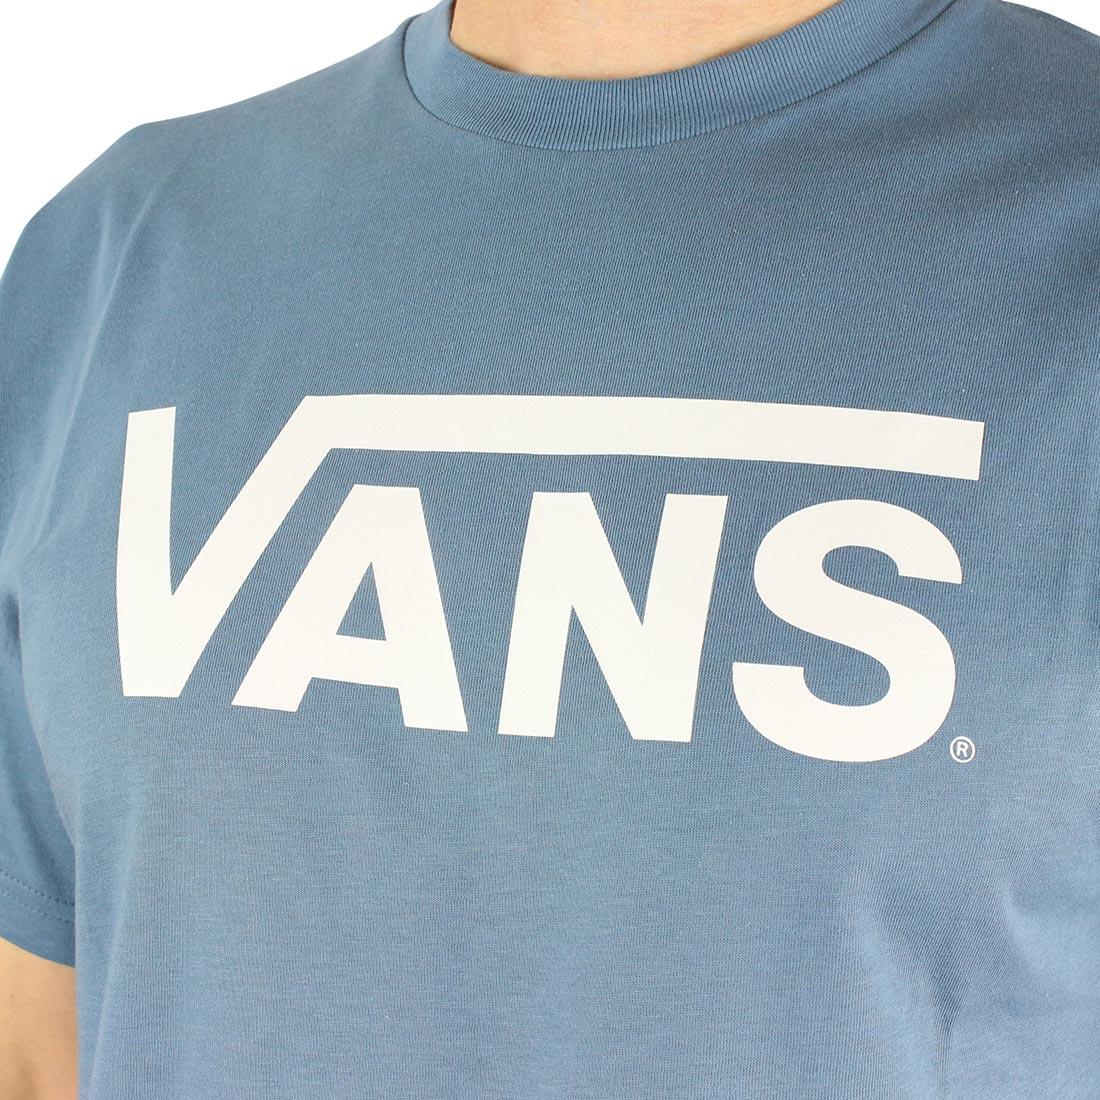 796eda56b40d46 Vans Classic S S T-Shirt - Copen Blue   White